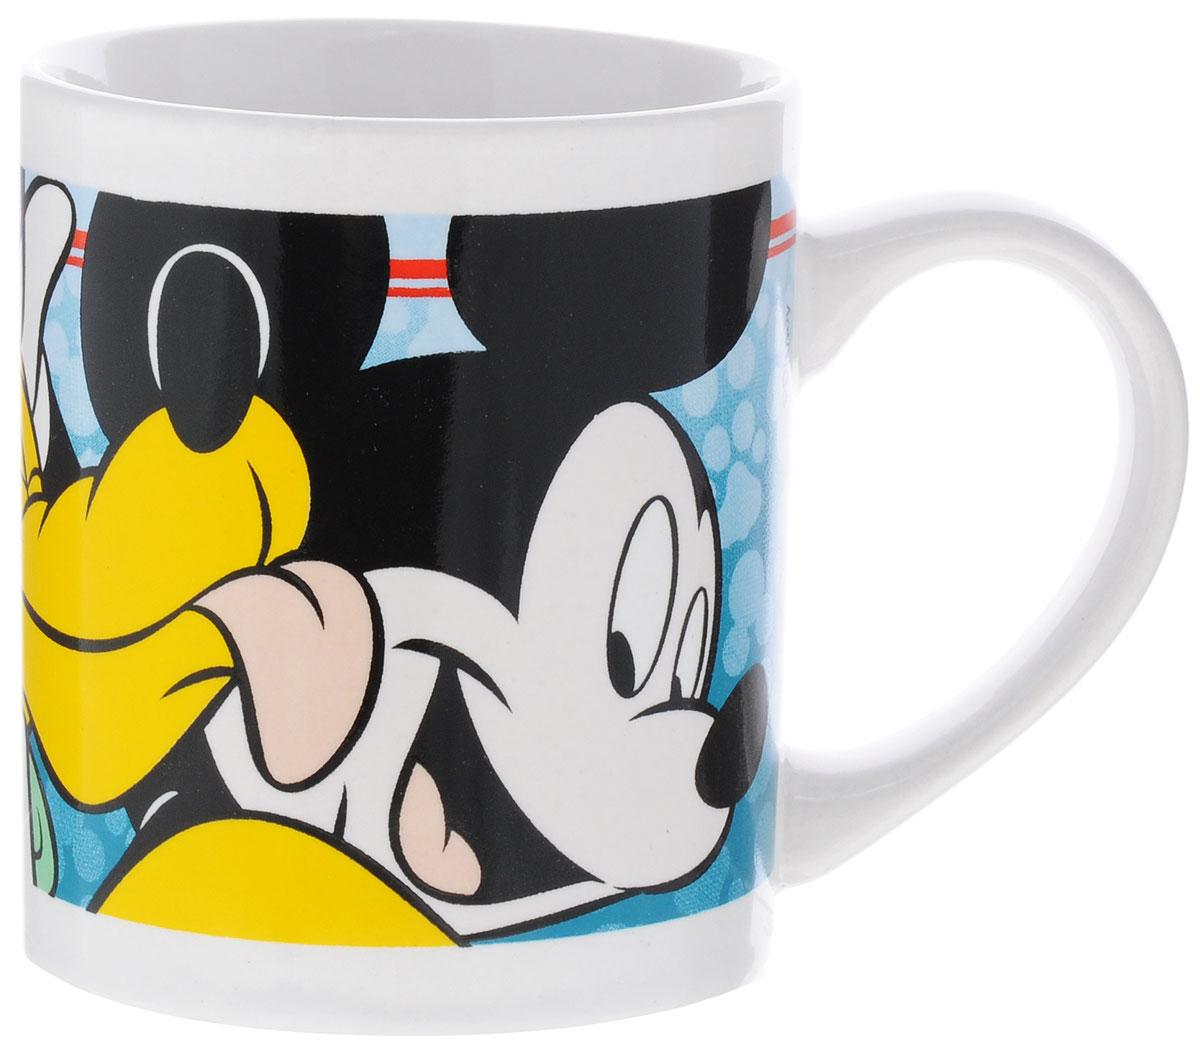 """Детская кружка Stor """"Микки Маус и Плуто"""" из серии Stor Disney с любимыми героями станет отличным подарком для вашего ребенка. Она выполнена из керамики и оформлена изображением Микки Мауса и Плуто.  Кружка дополнена удобной ручкой.  Такой подарок станет не только приятным, но и практичным сувениром: кружка будет незаменимым атрибутом чаепития, а оригинальное оформление кружки добавит ярких эмоций и хорошего настроения. Можно использовать в СВЧ-печи и посудомоечной машине."""